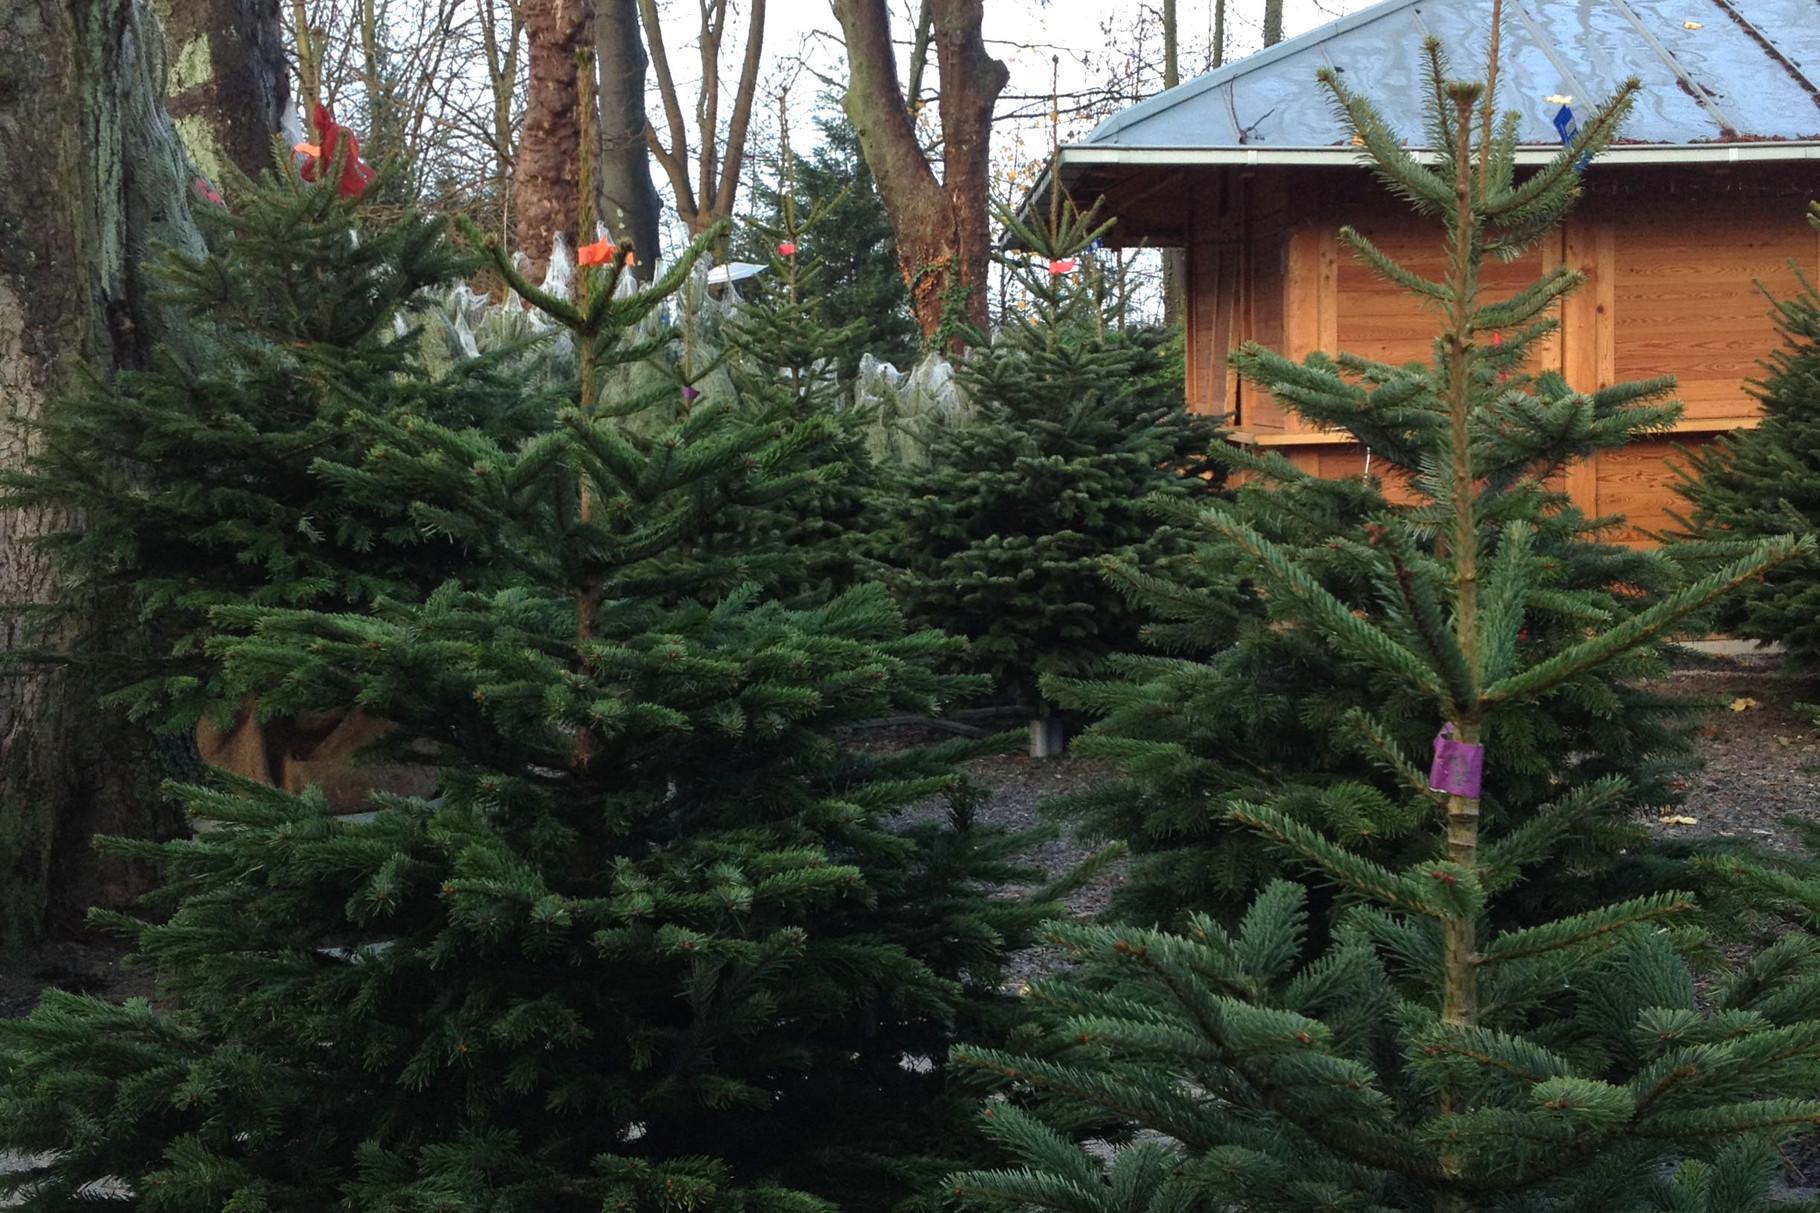 landhaus freemann kaiserswerth die sch nsten weihnachtsb ume im ruhrgebiet. Black Bedroom Furniture Sets. Home Design Ideas